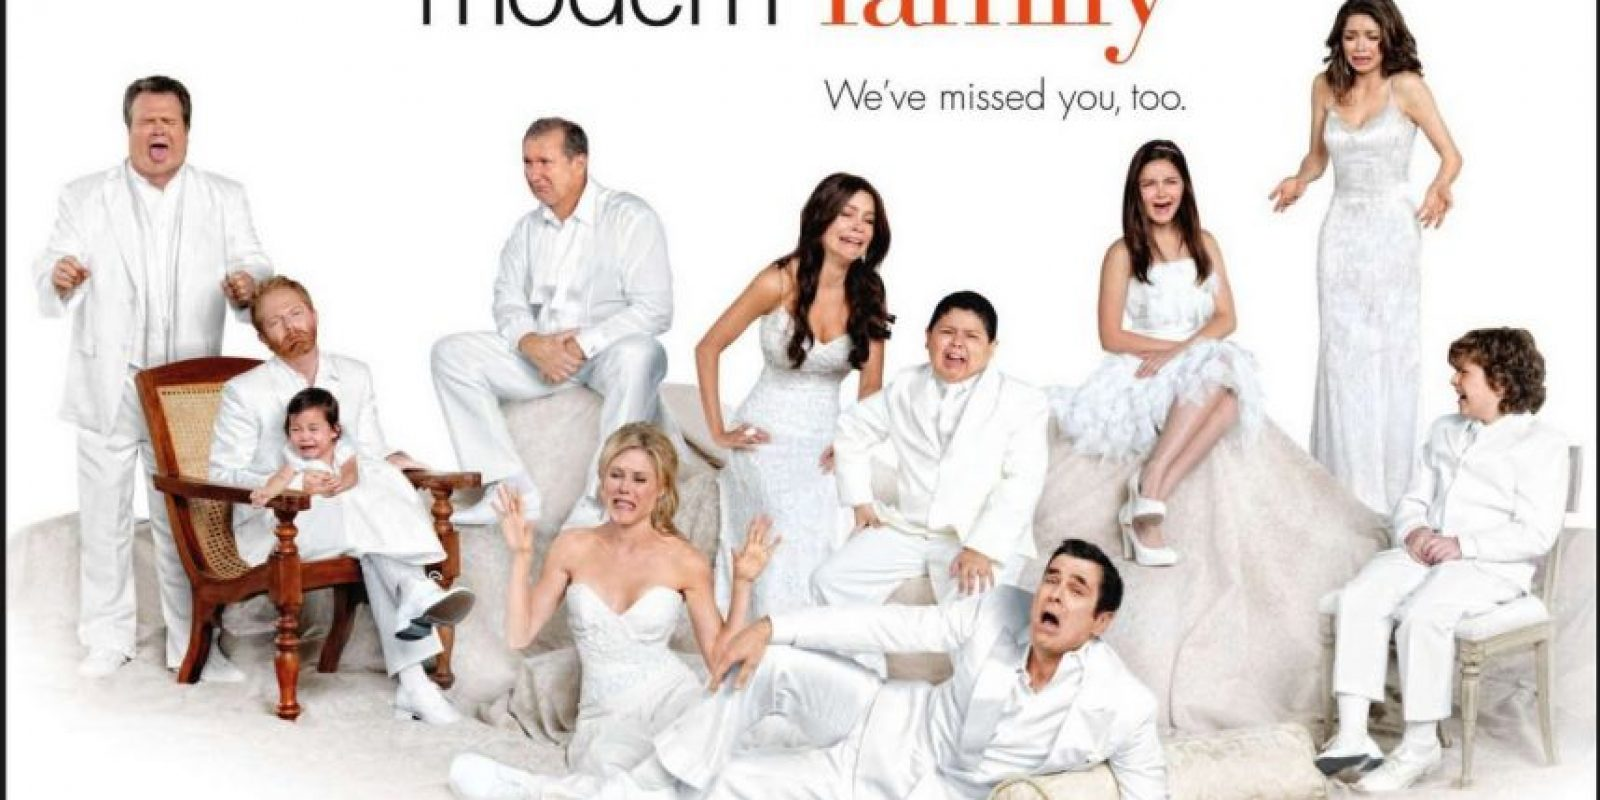 Esta serie norteamericana de comedia muestra los cambios en los modelos tradicionales de familias actuales Foto:ABC / Fox / USA Network